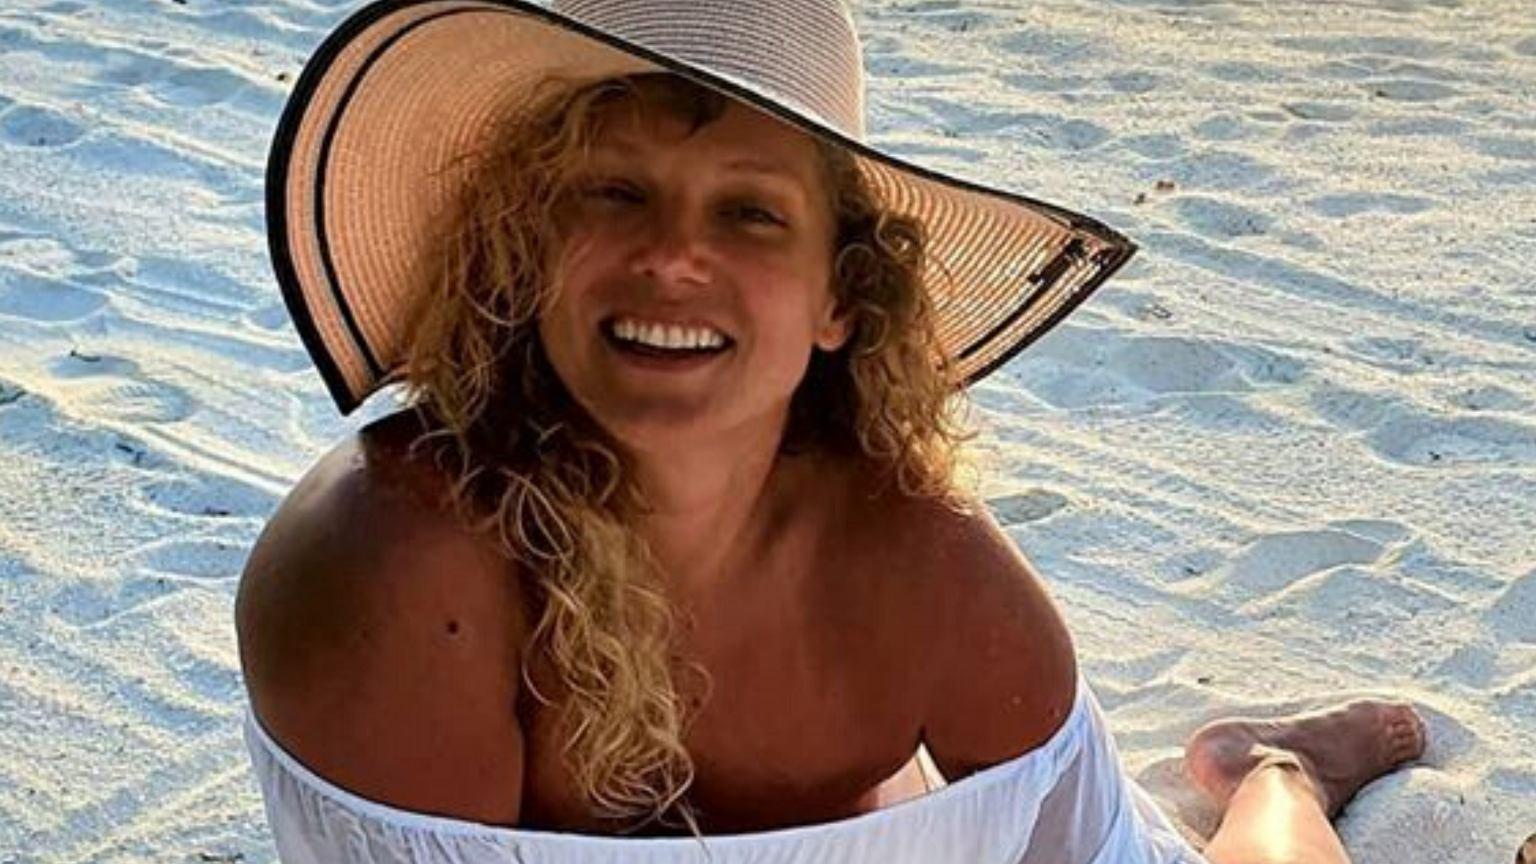 Joanna Liszowska korzysta z wakacji. Wrzuciła gorącą fotkę z basenu. Internauci zgodni: Sabrina i boys, boys, boys